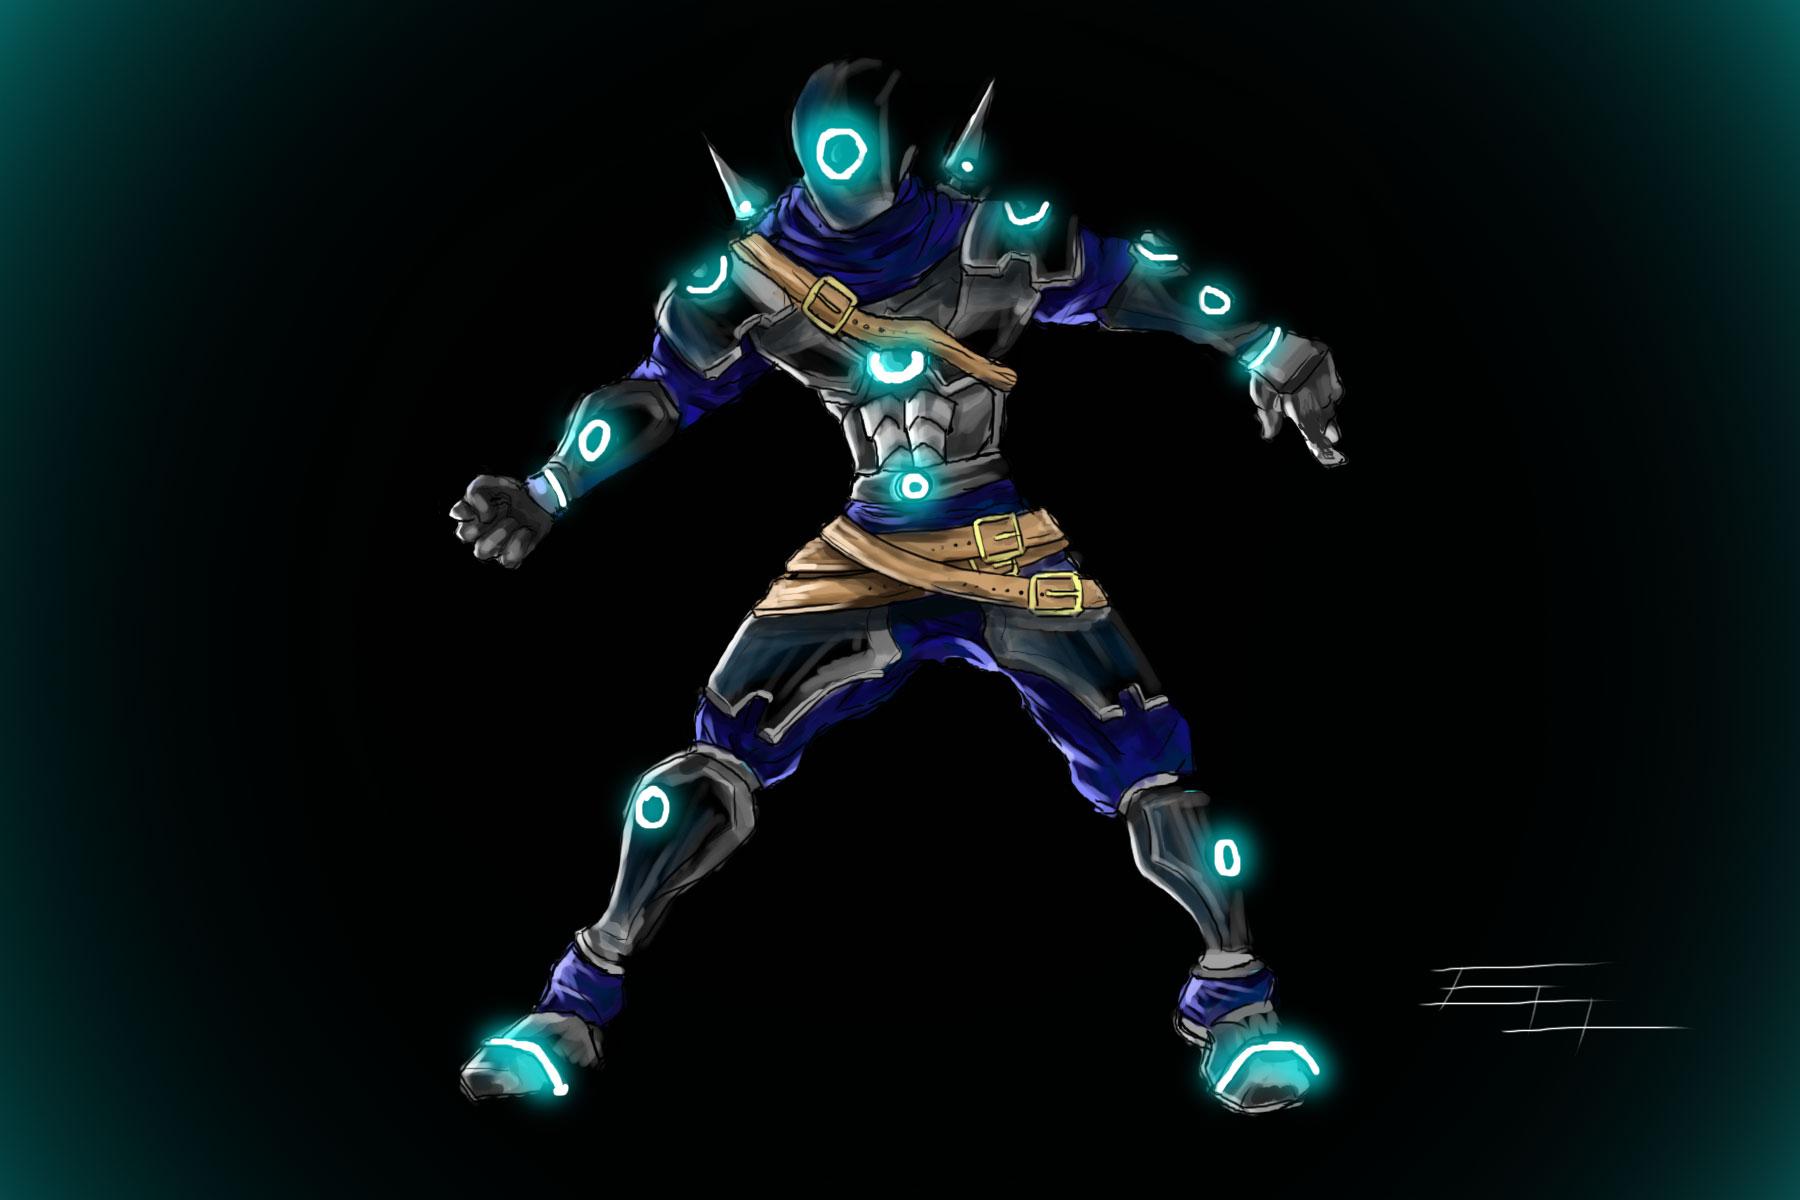 sci fi futuristic soldier V.2